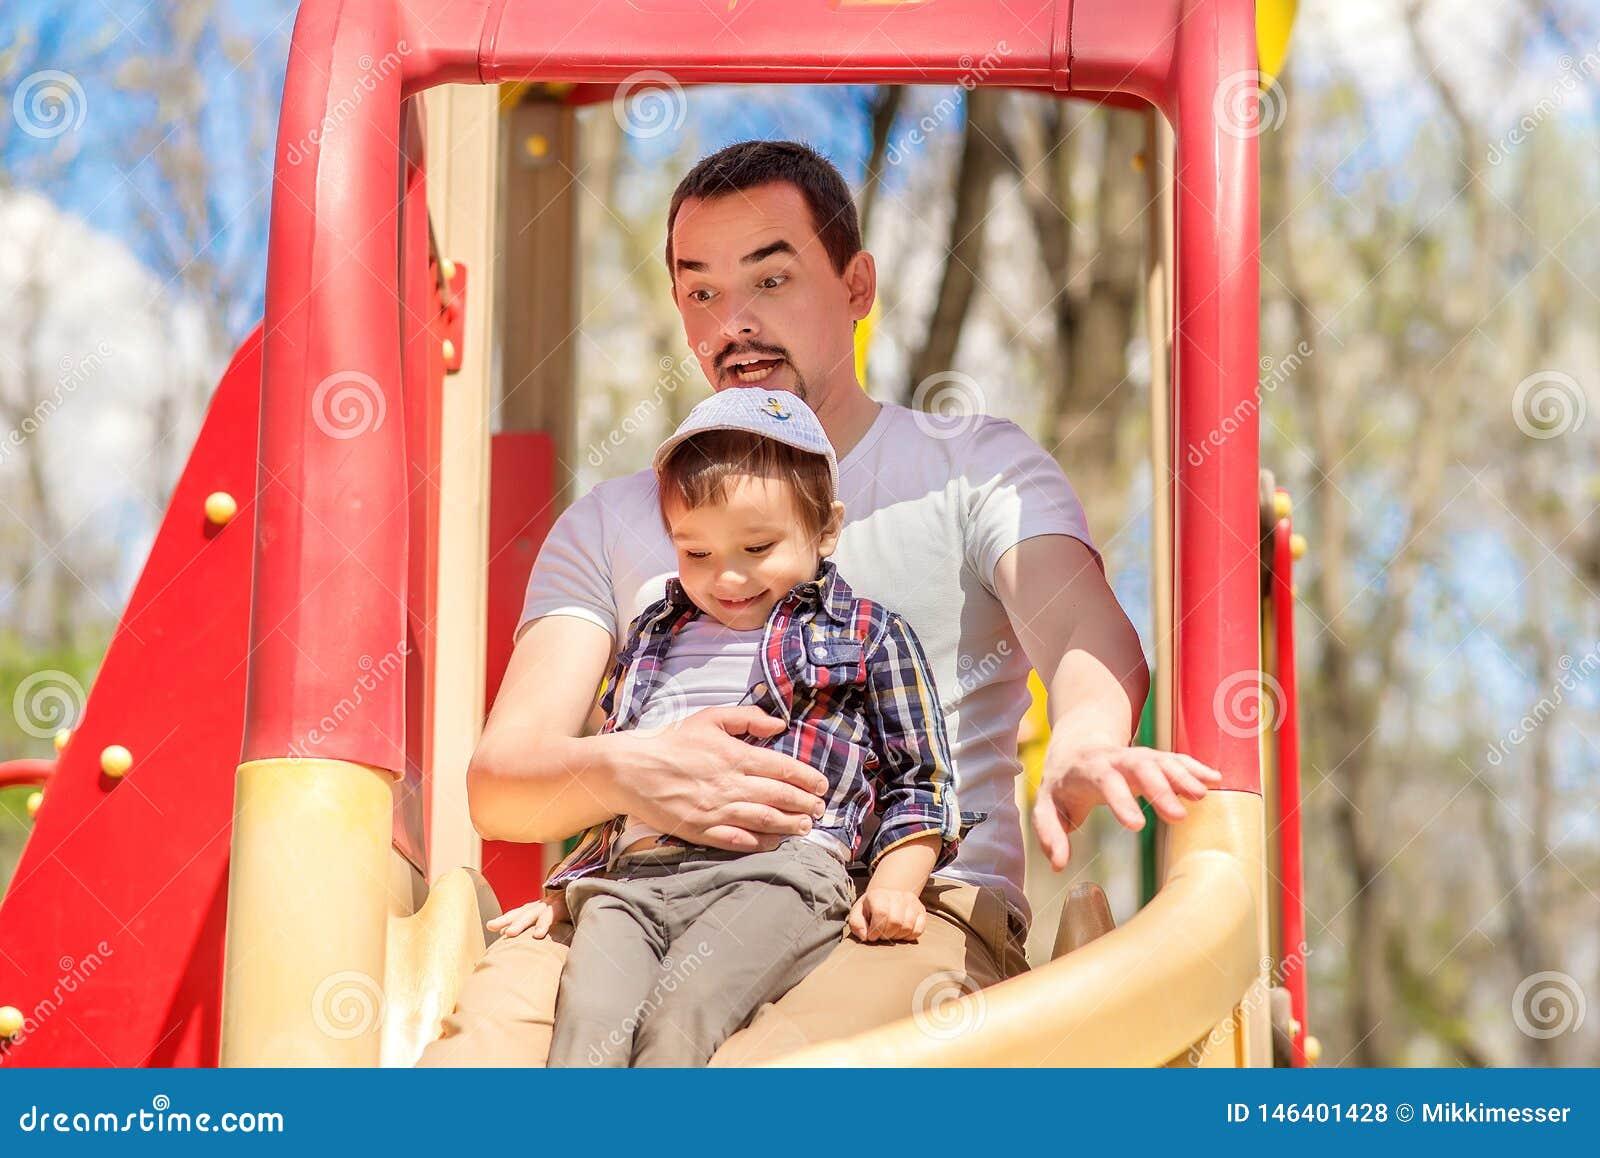 O filho do pai e da criança que desliza das crianças desliza no parque A criança está sentando-se em joelhos do paizinho, pai é e